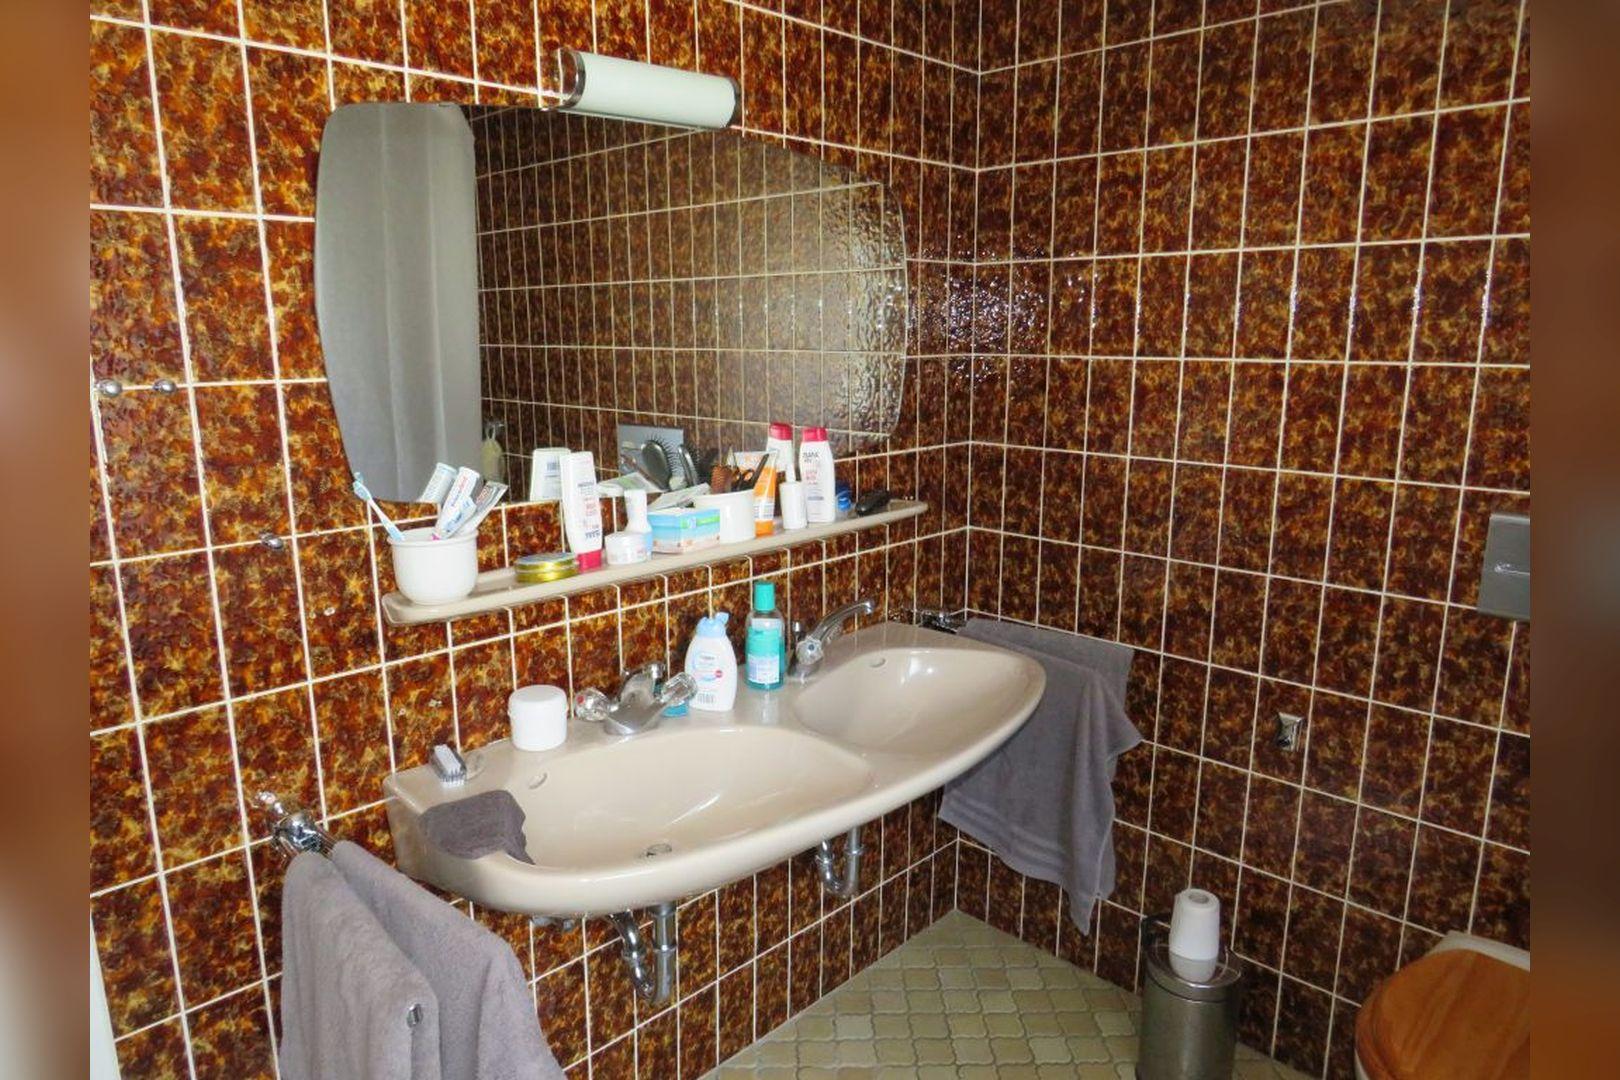 Immobilie Nr.0260 - Einfamilienhaus, zum 2-FH erweiterbar. Spitzboden als zusätzl. Ausbaureserve - Bild 11.jpg